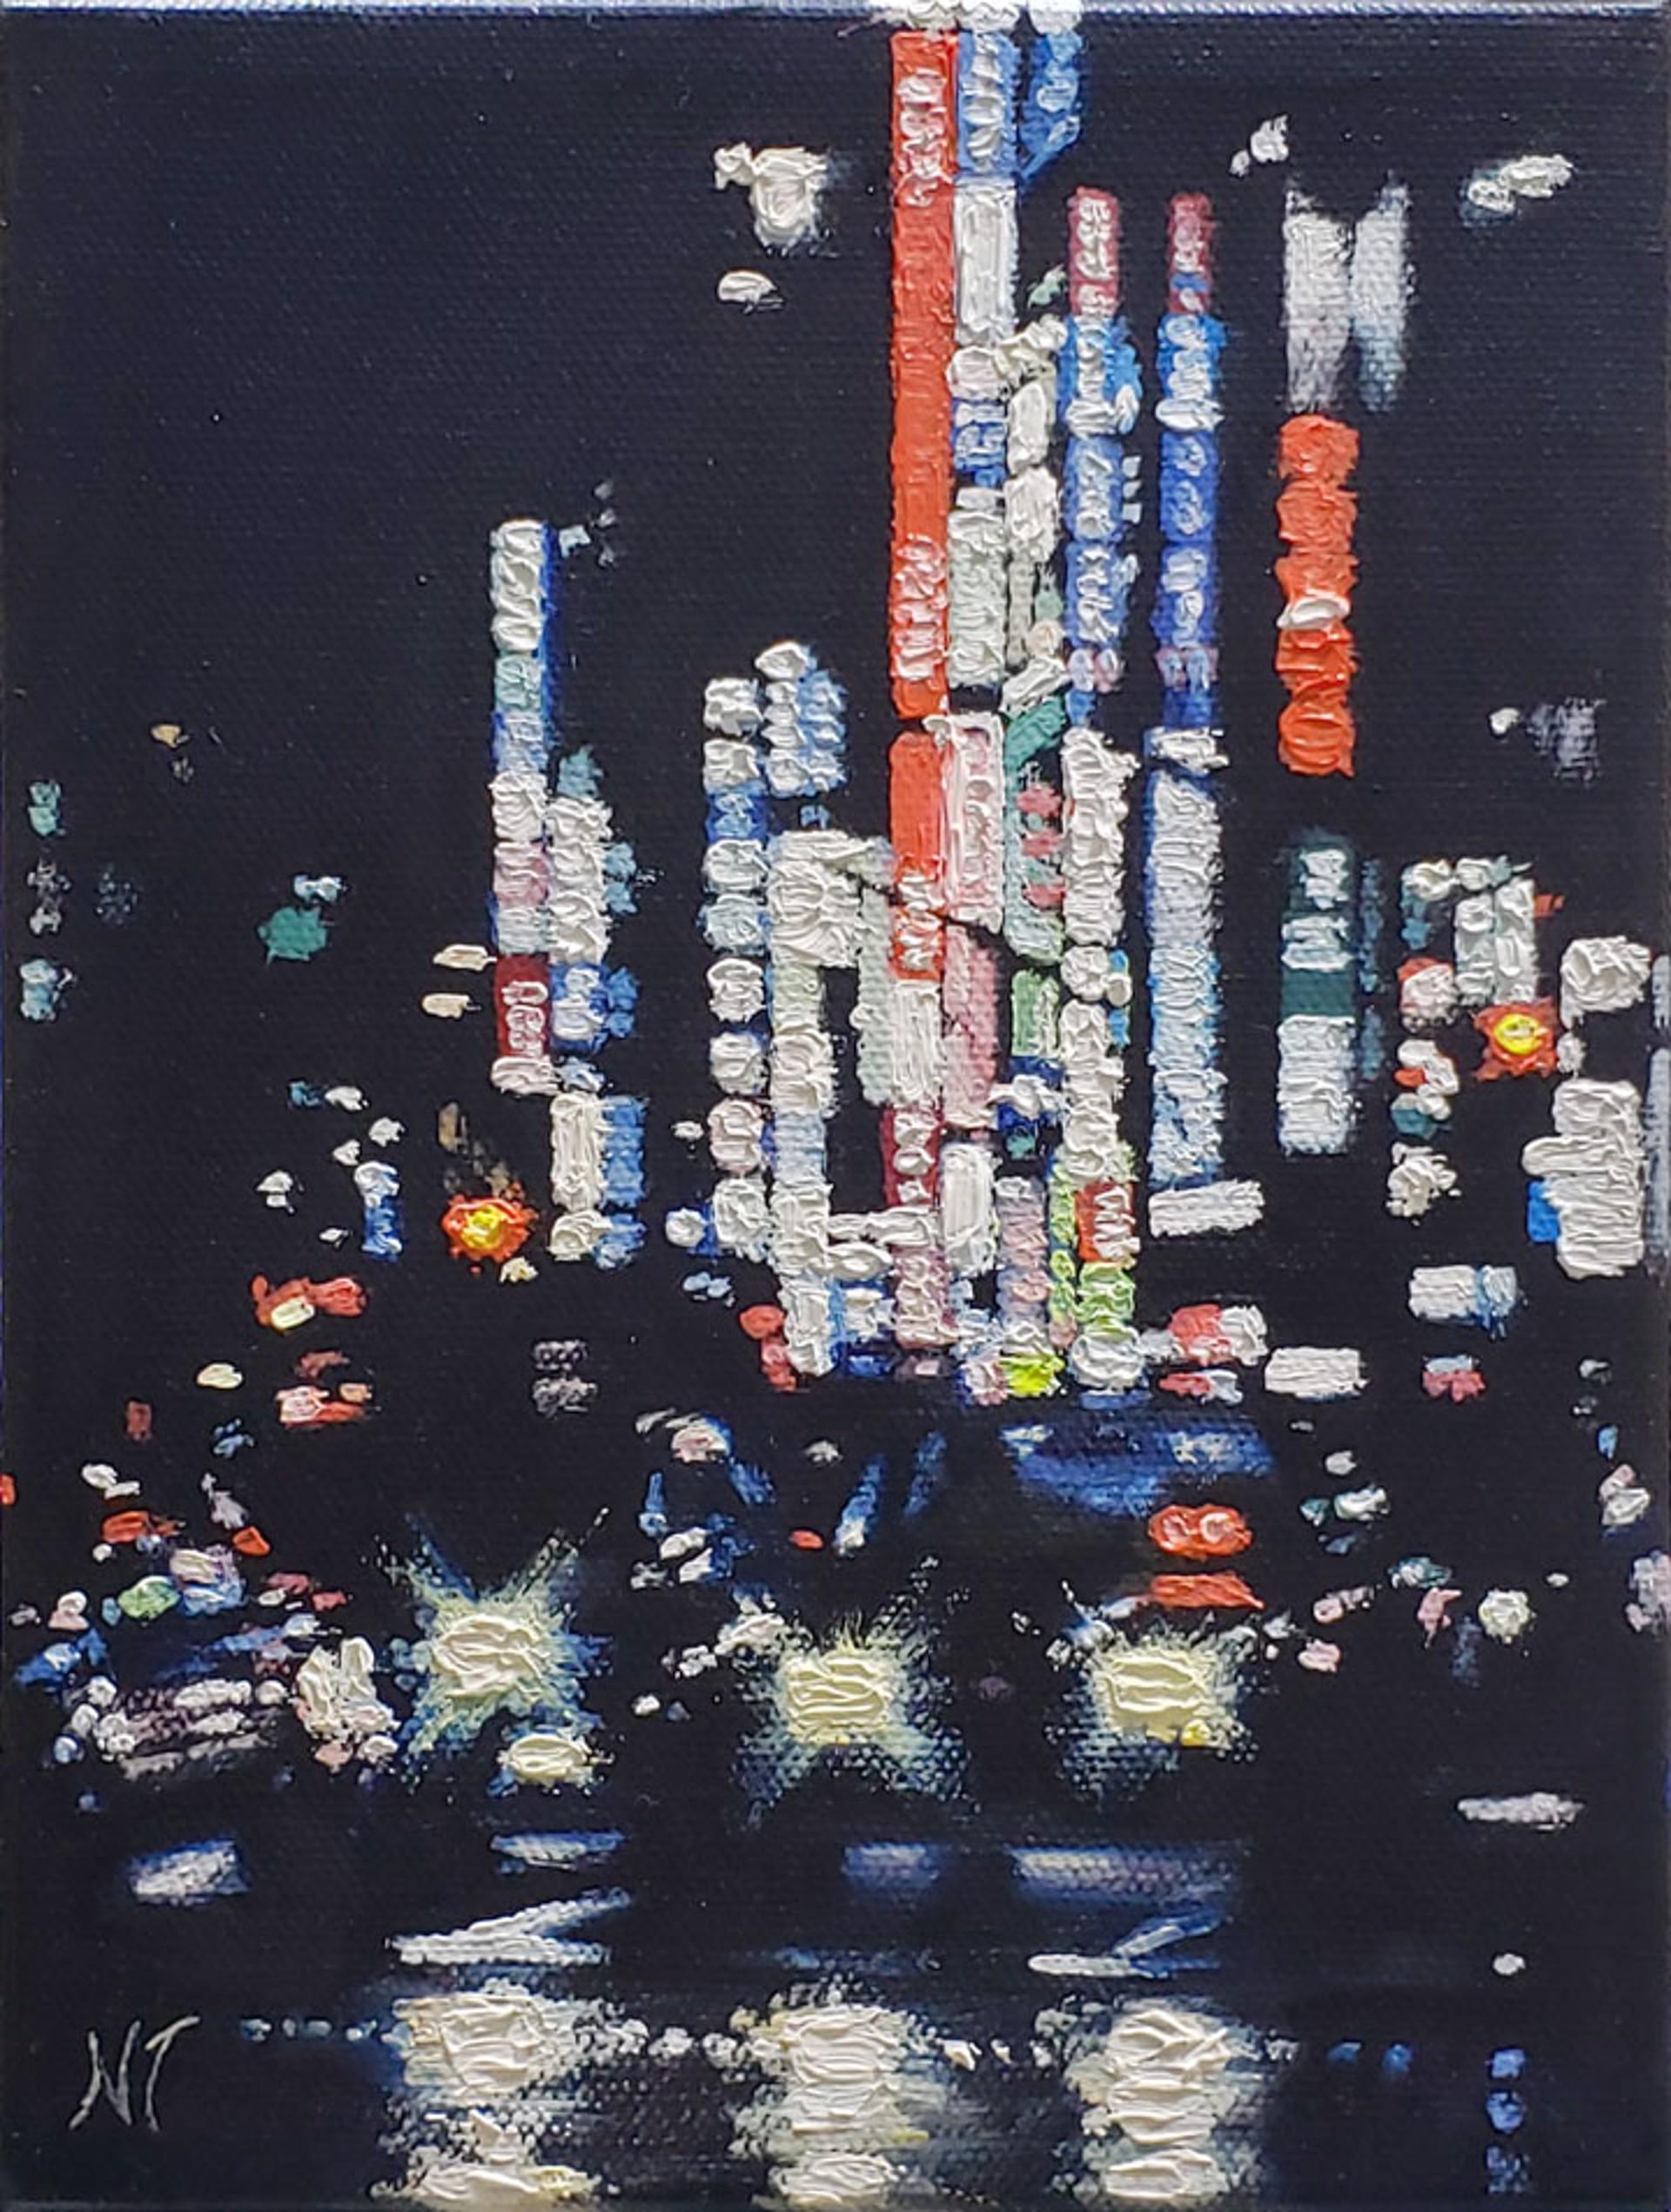 Ueno 4 by Nobuhito Tanaka